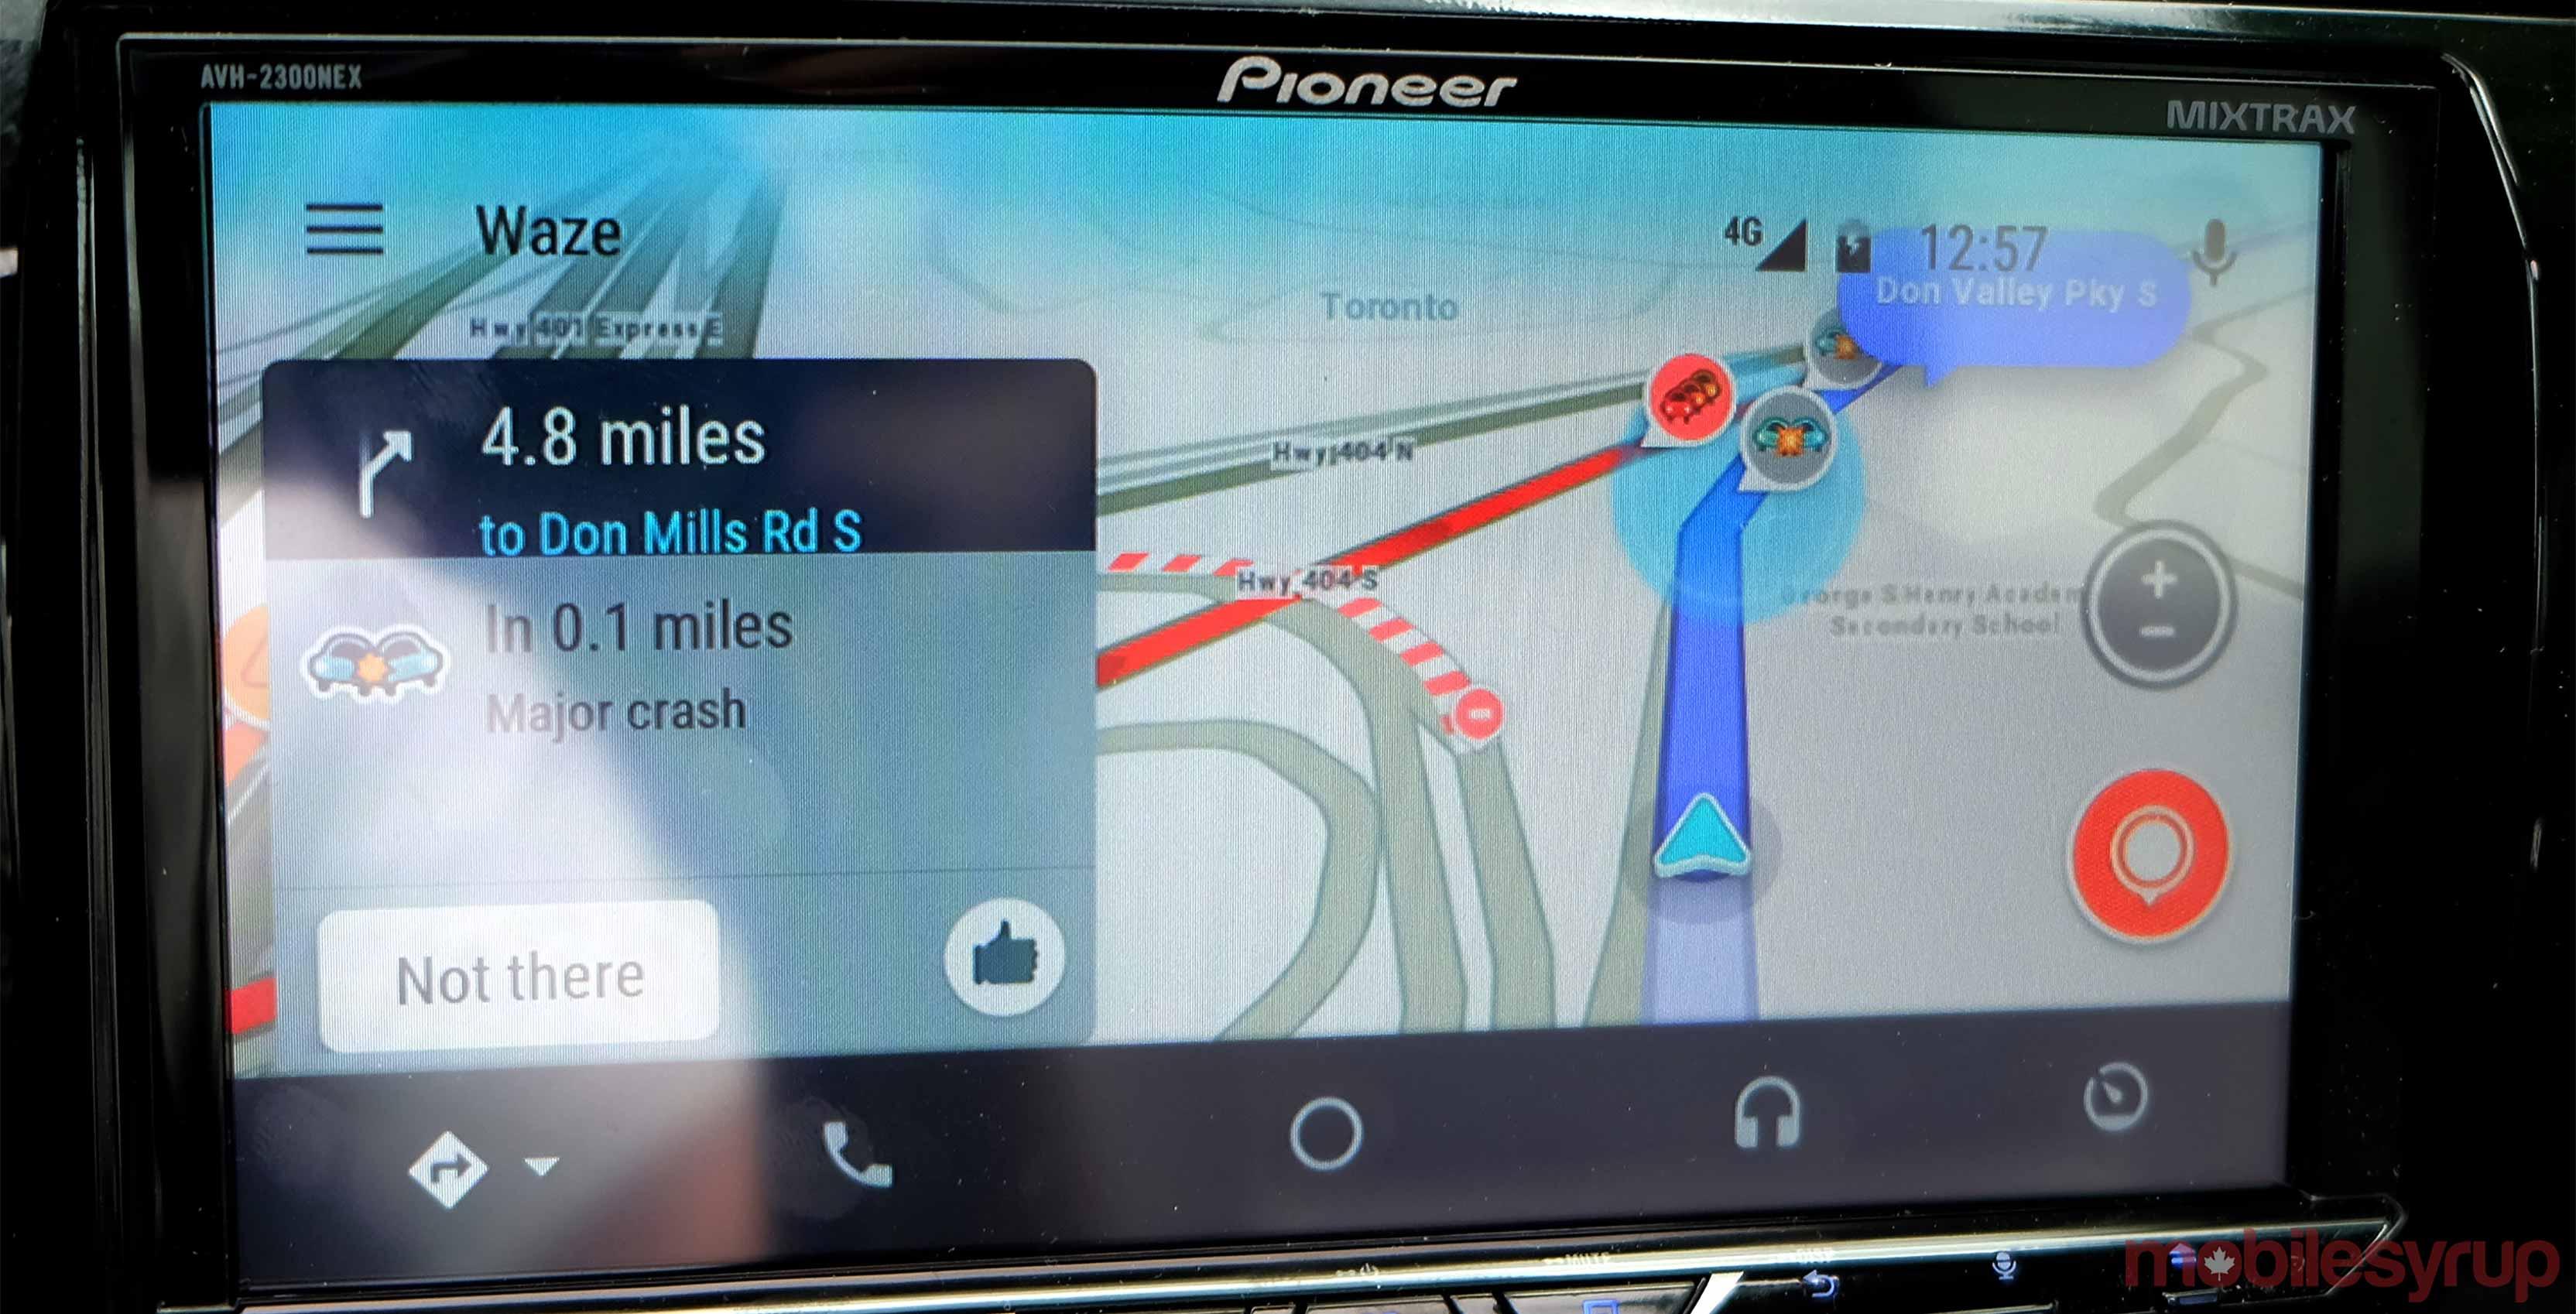 Waze mapping screen